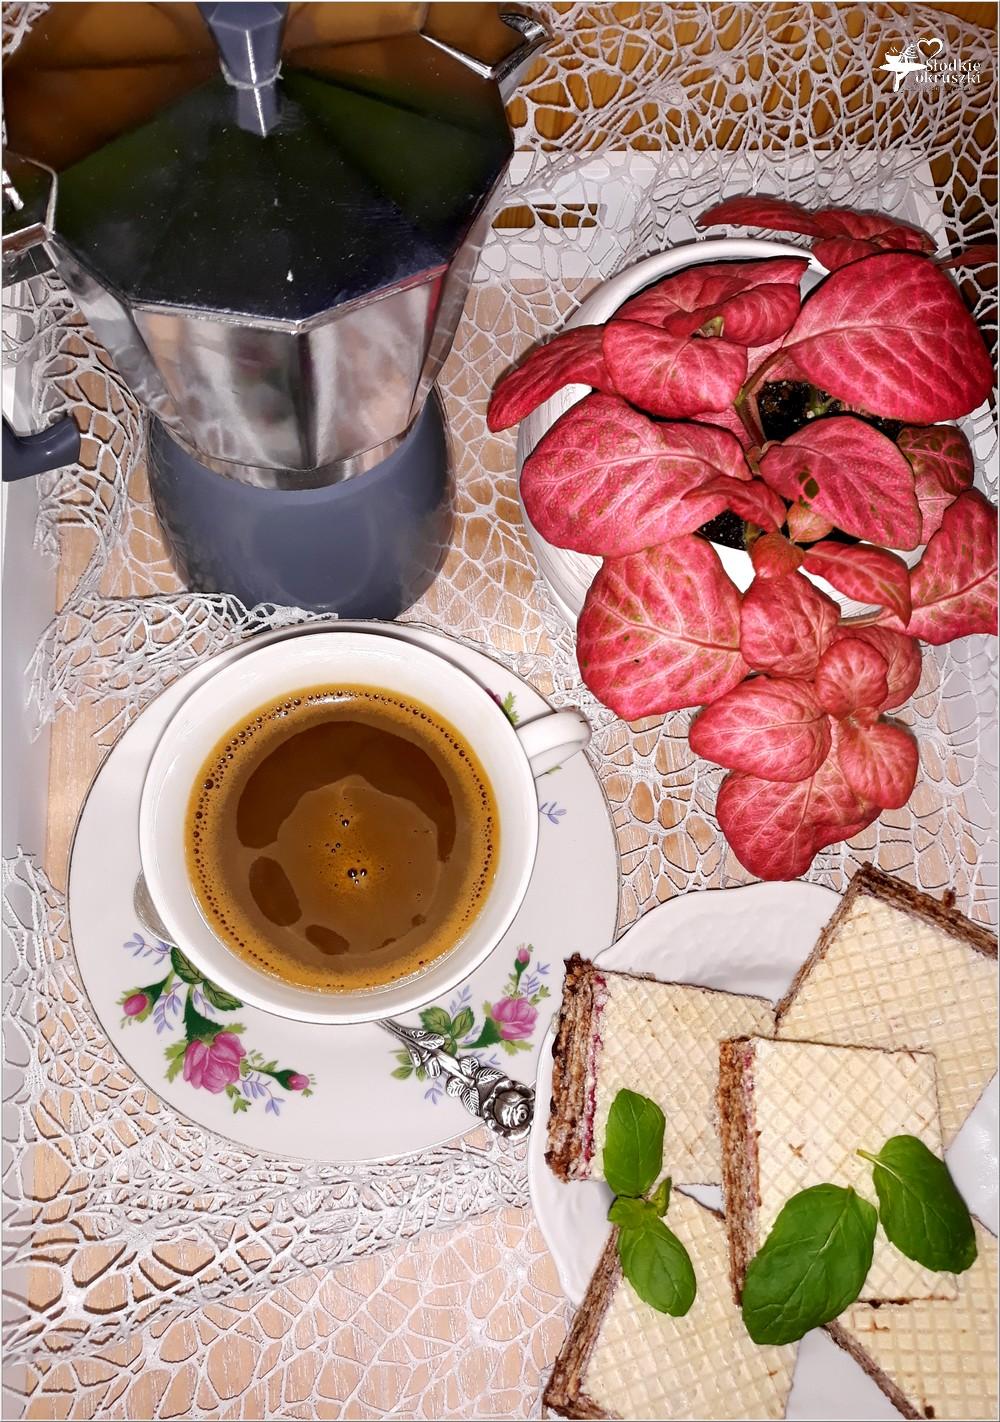 Dobra kawa i... coś słodkiego. 3 pyszne propozycje + przepis na syrop piernikowy (1)